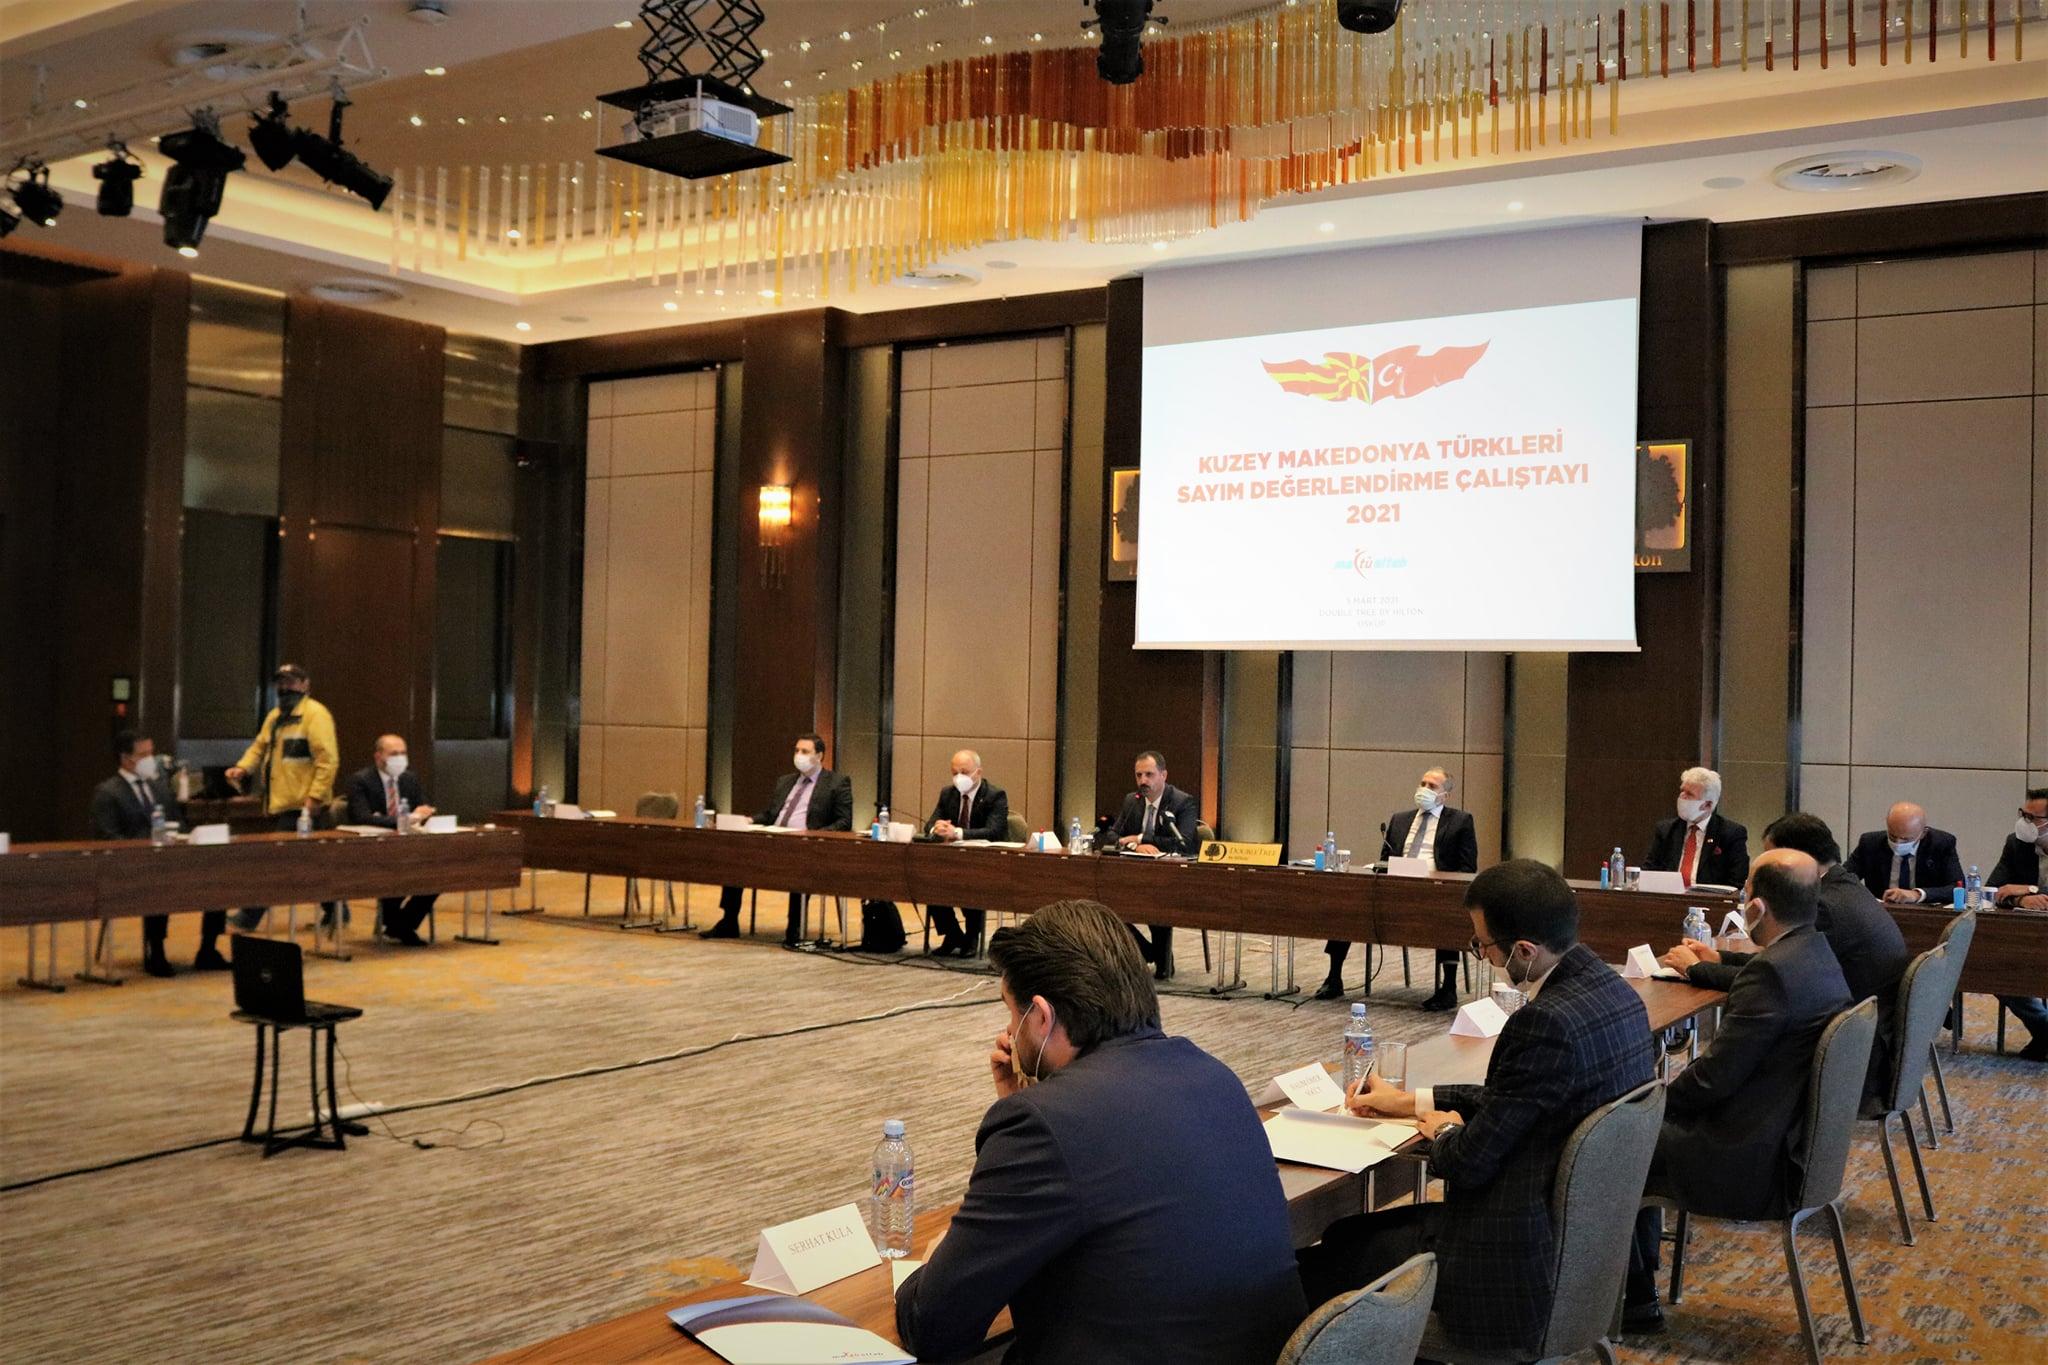 K. Makedonya Türklerinin tarihi çalıştayının sonuç bildirgesi açıklandı